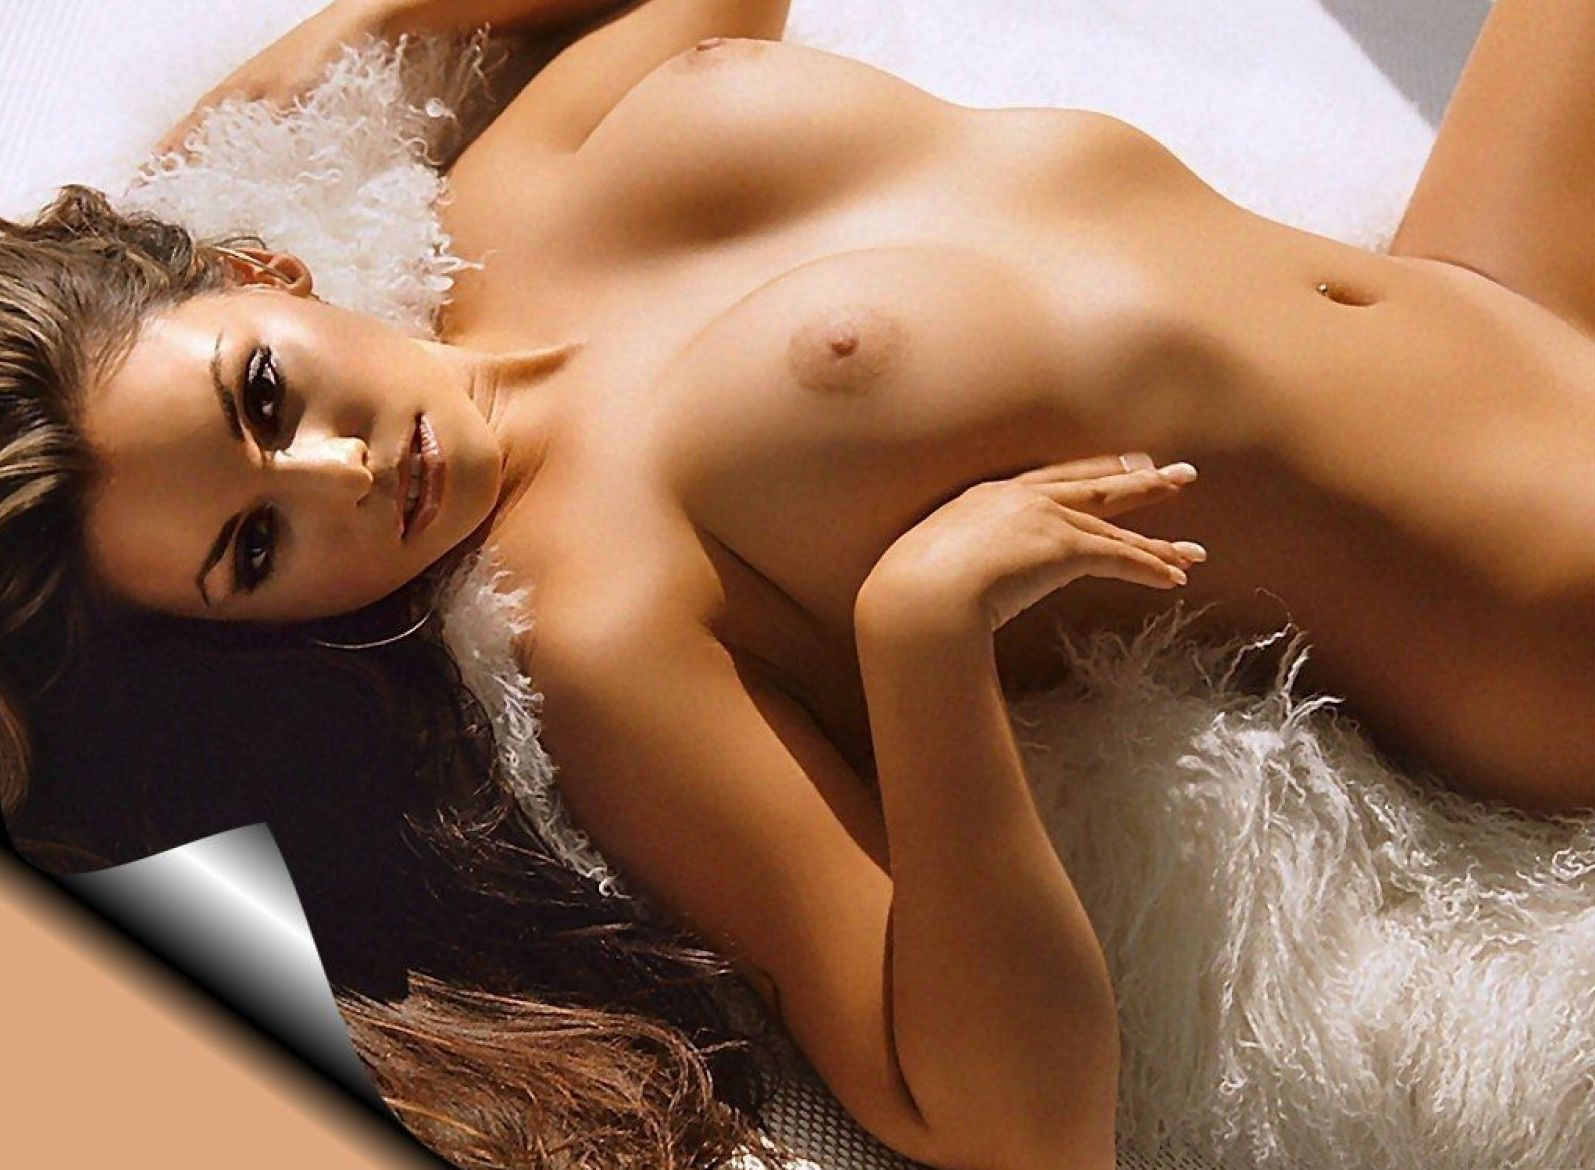 Эротические фото девушек в хорошем качестве 7 фотография